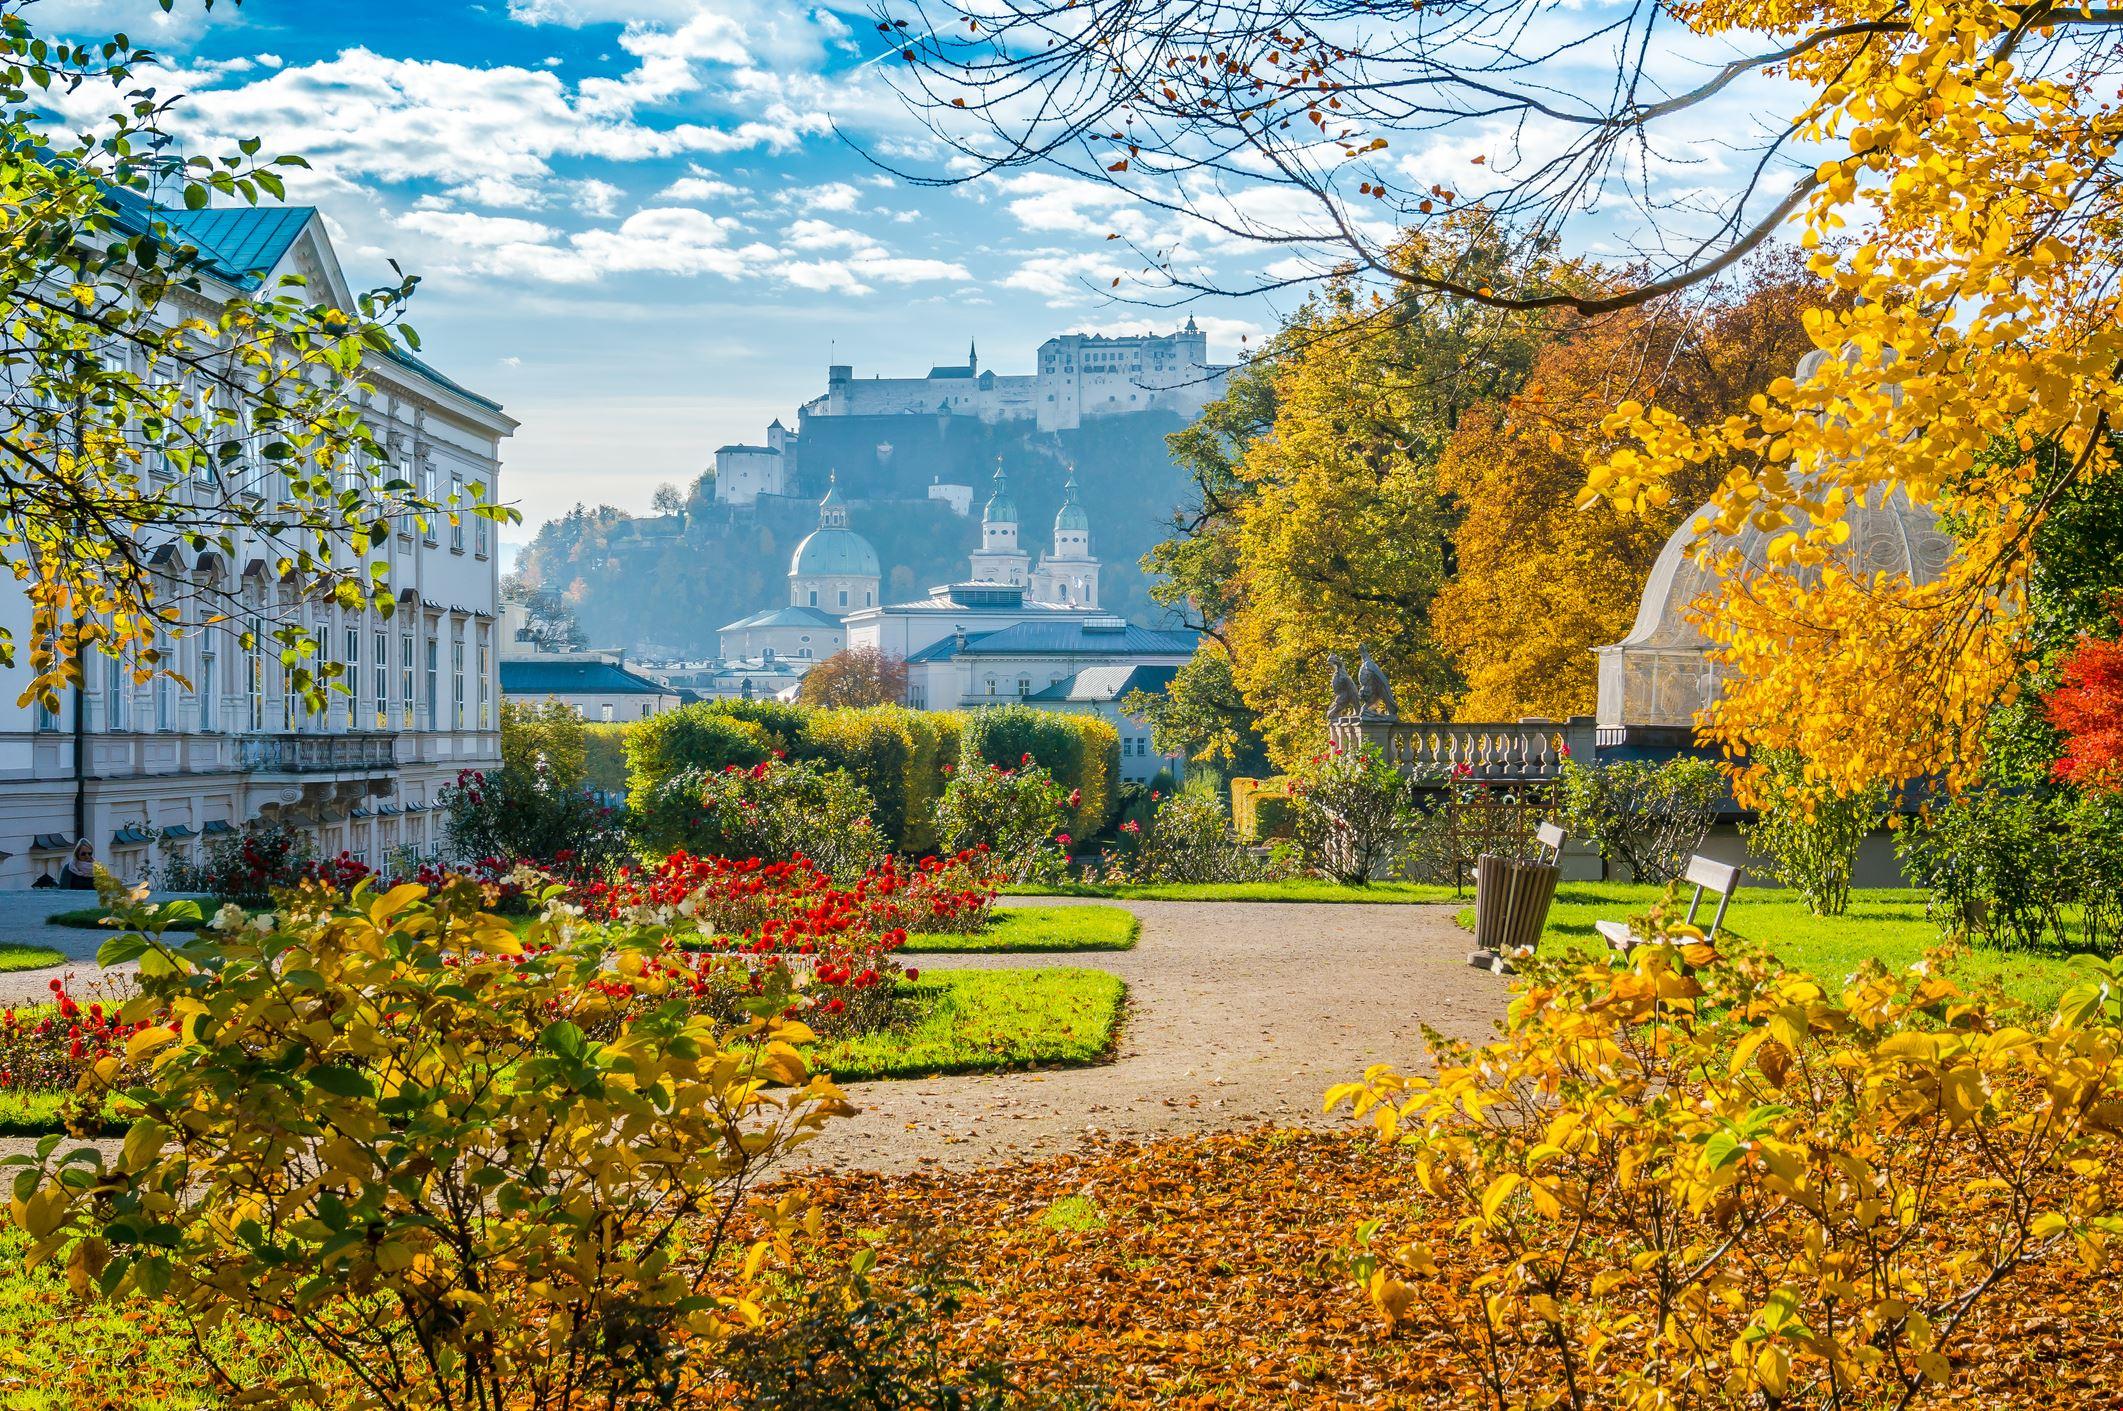 Giardini del castello di Mirabell